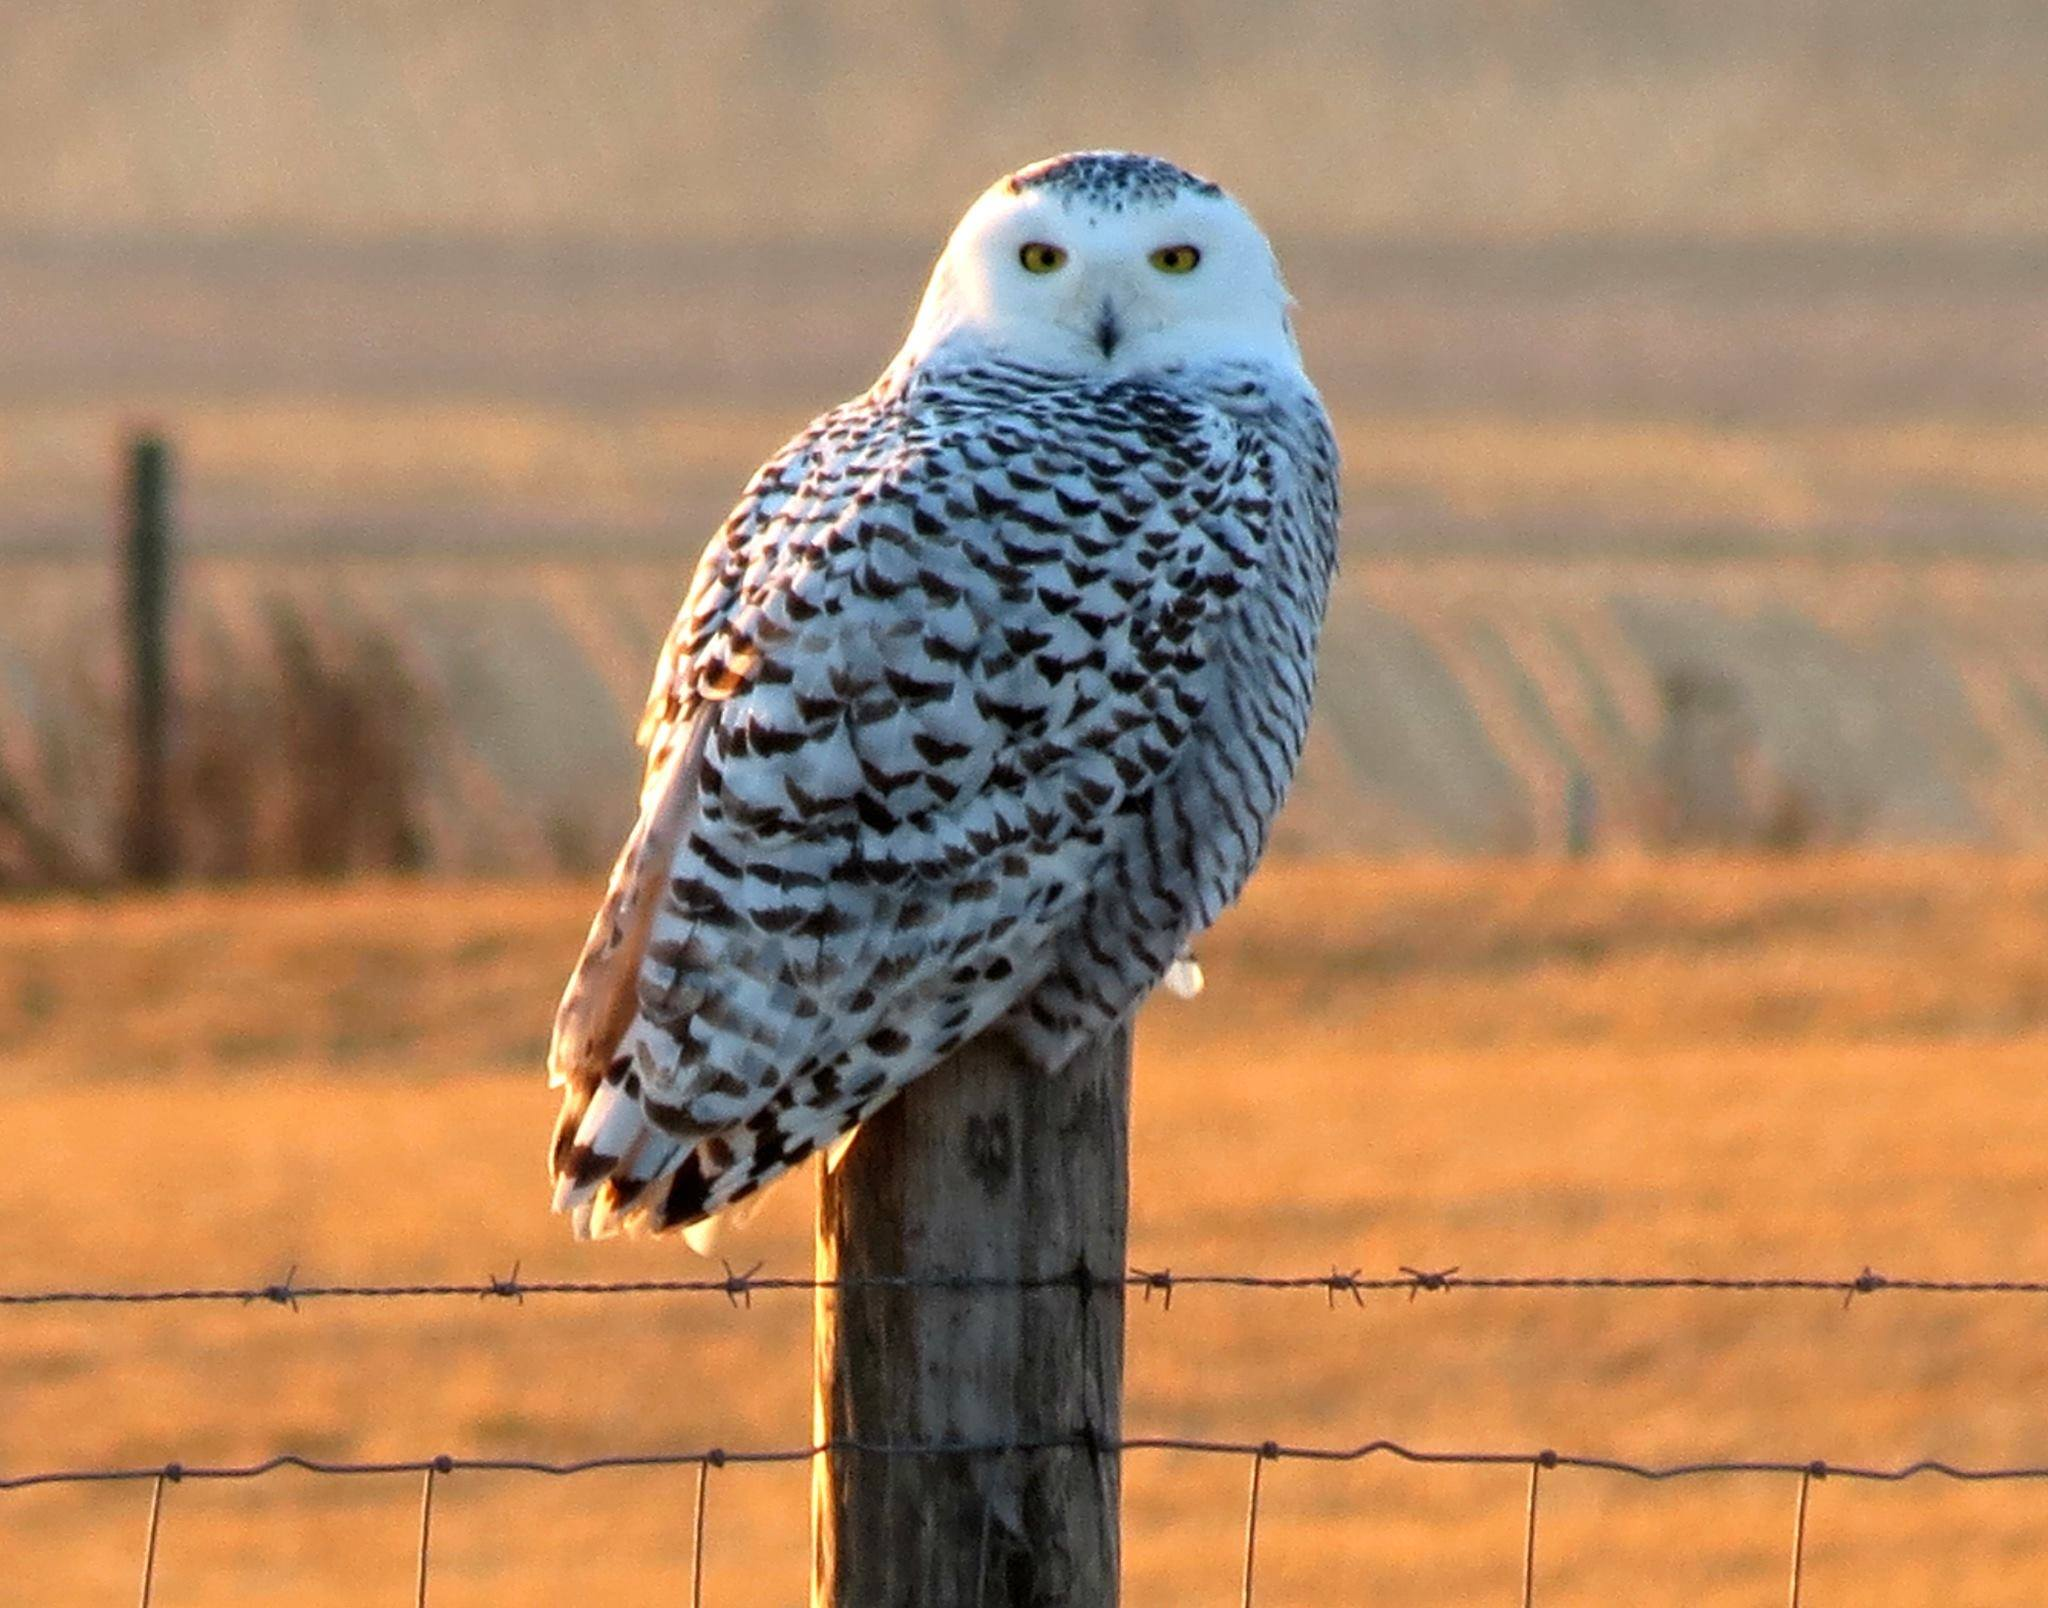 Snowy Owl by Lester Doyle